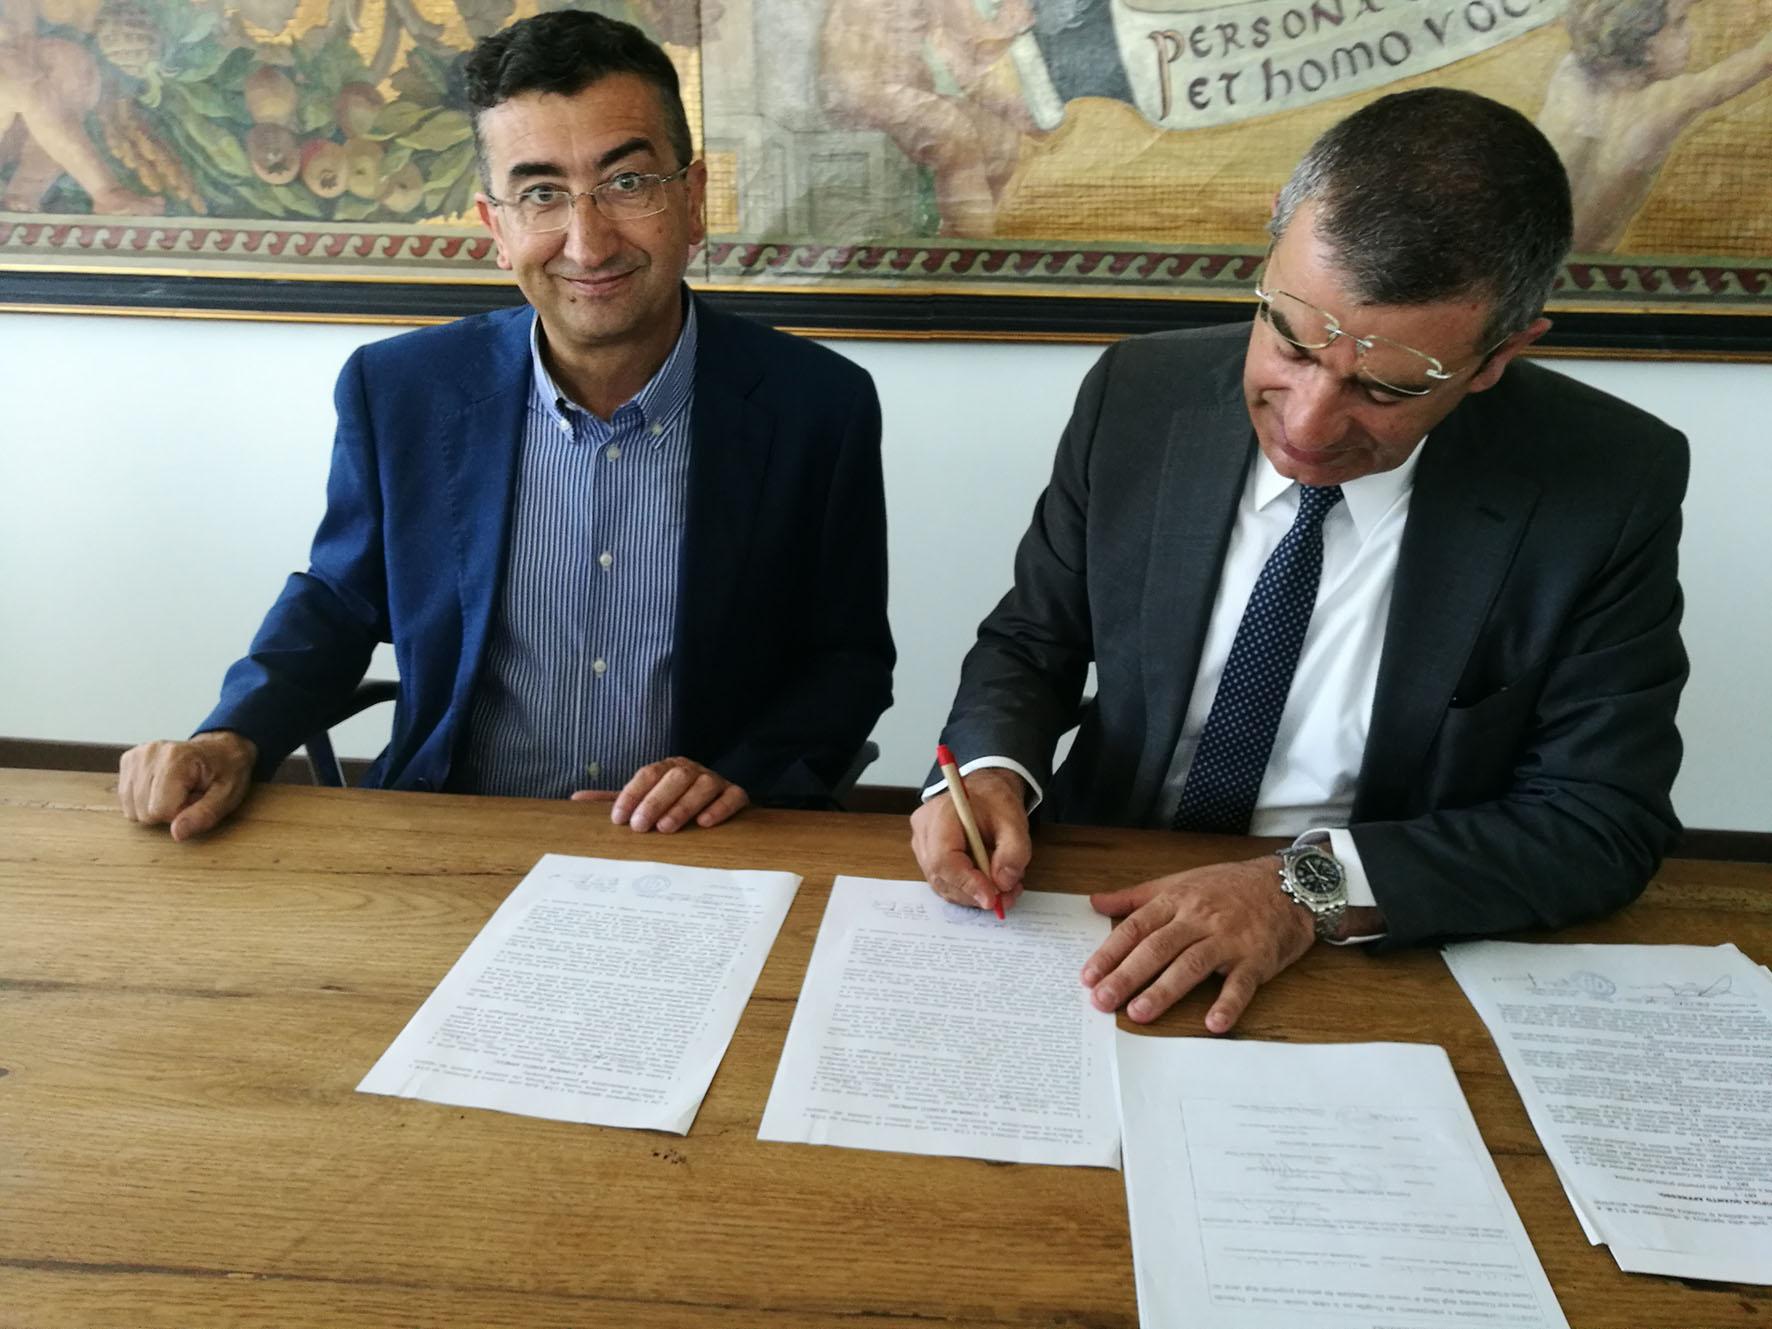 Da sinistra: Il direttore generale della Asl Roberto Fagnano e il rettore dell'Università di Teramo Luciano D'Amico